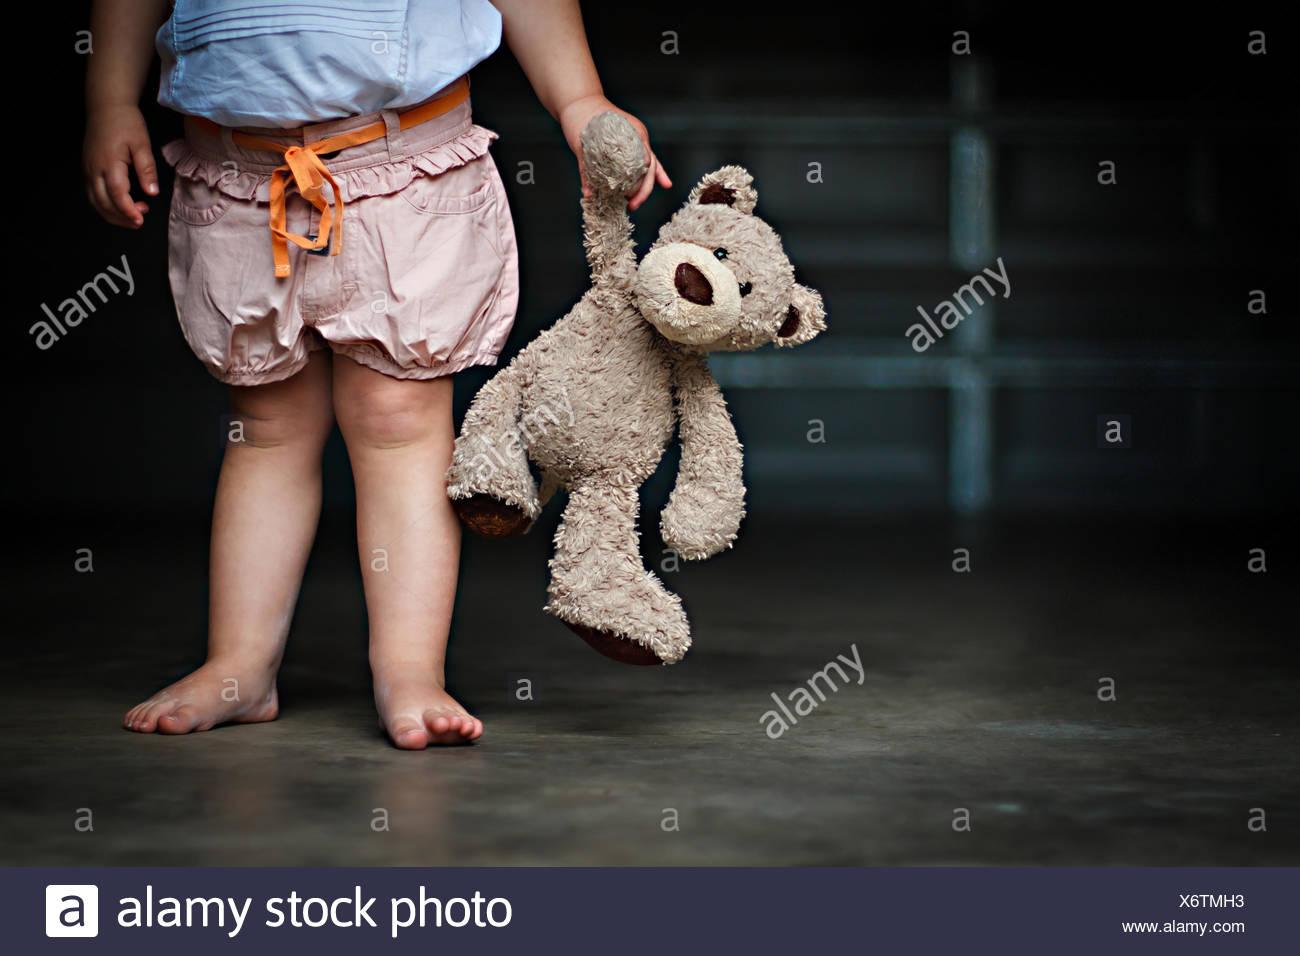 Bajo la sección de una chica sujetando su osito de peluche Imagen De Stock